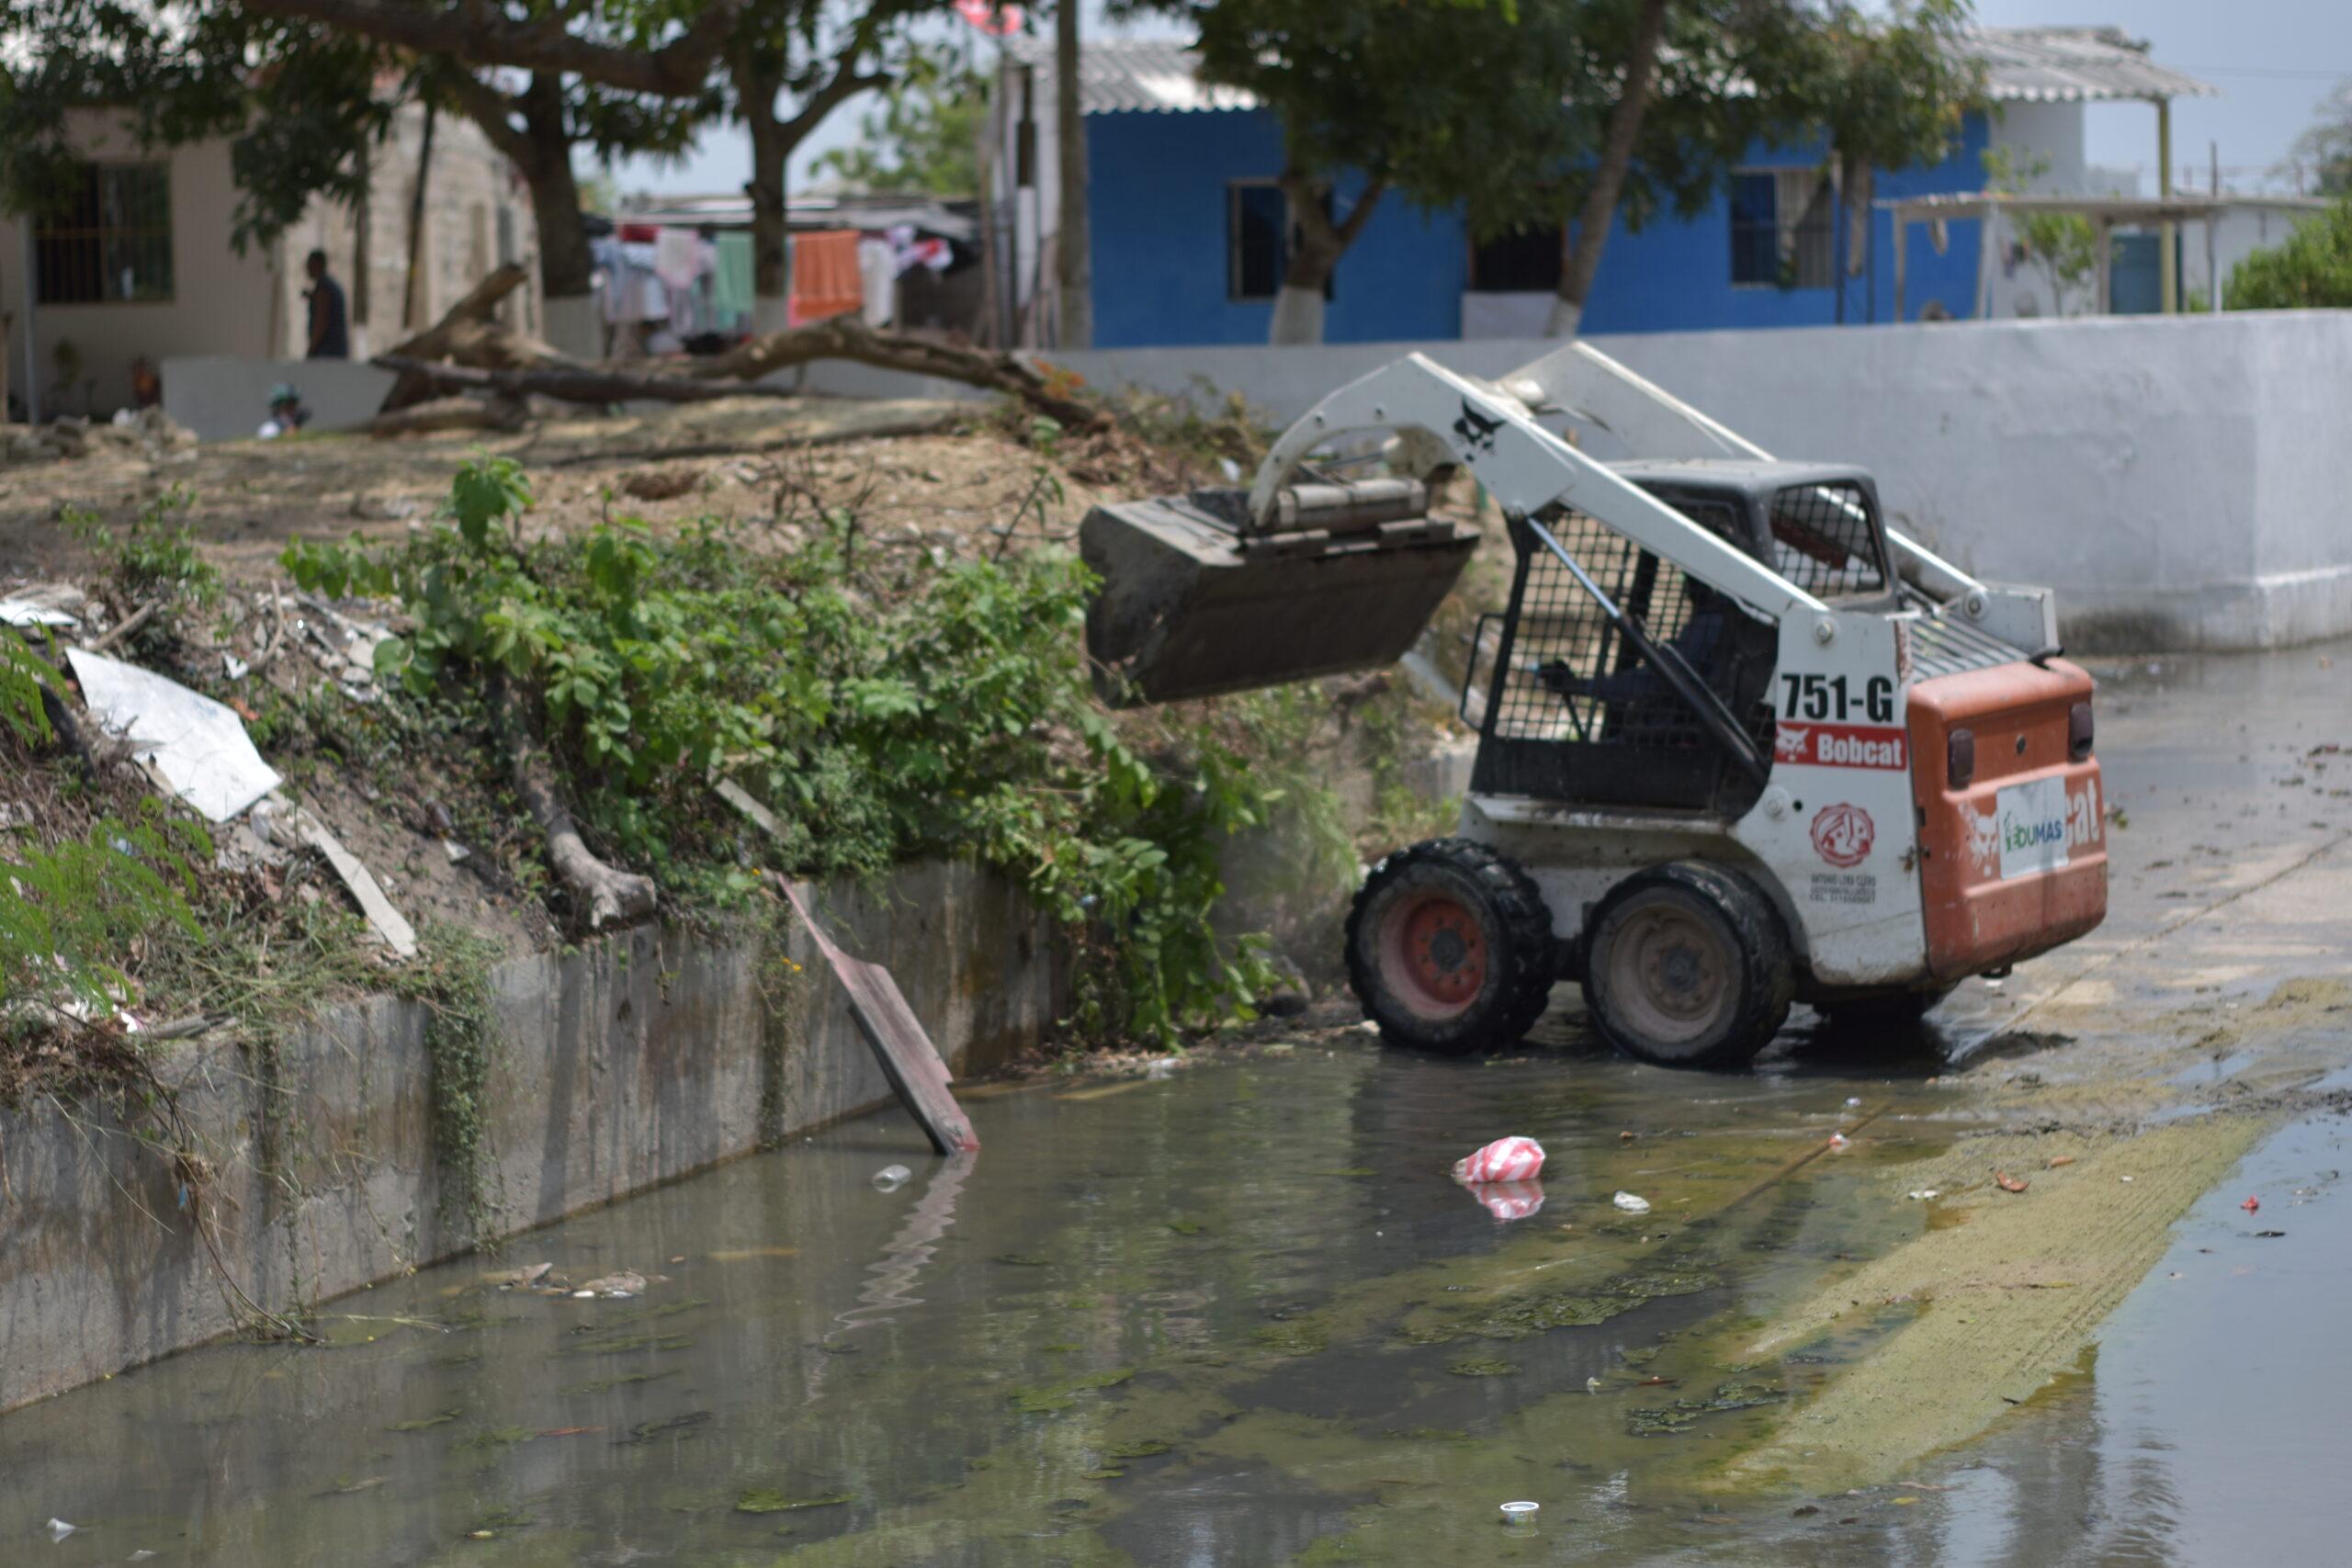 Edumas Remueve Cincuenta Toneladas De Residuos Sólidos En Arroyo 'El Salao' De Soledad